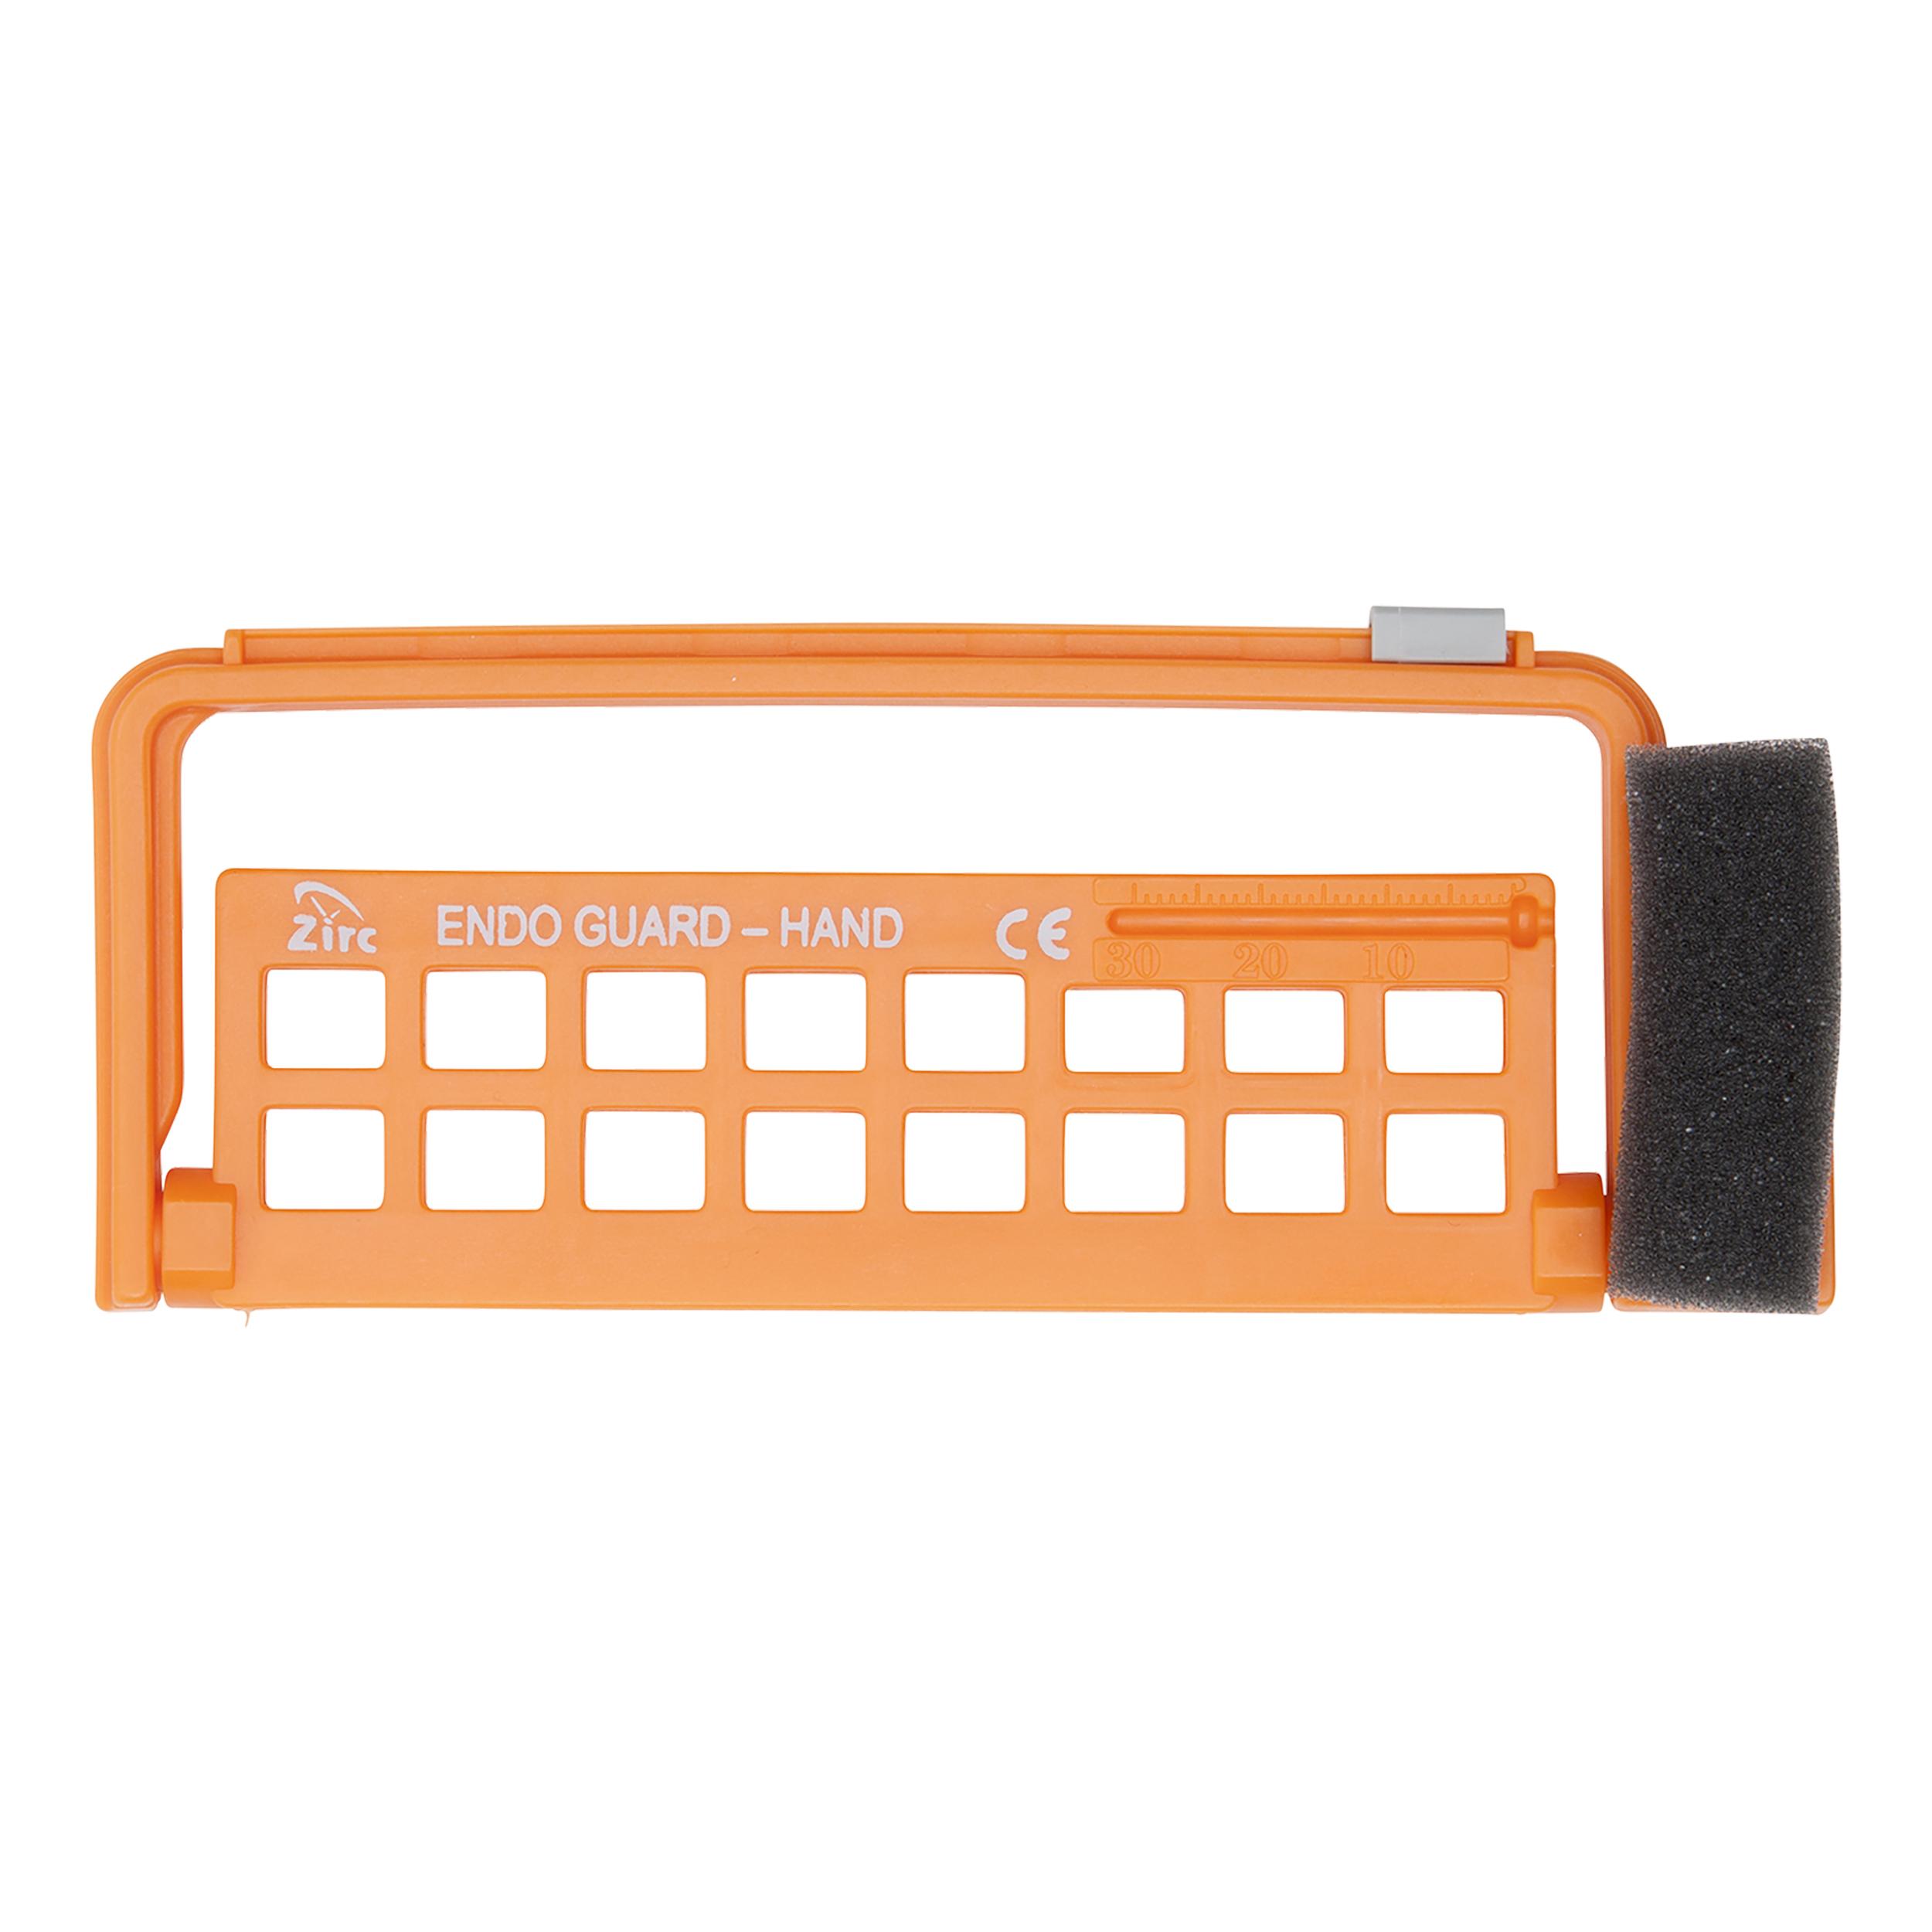 9519812 Steri-Endo Guard Vibrant Orange, Hand, 50Z450Q